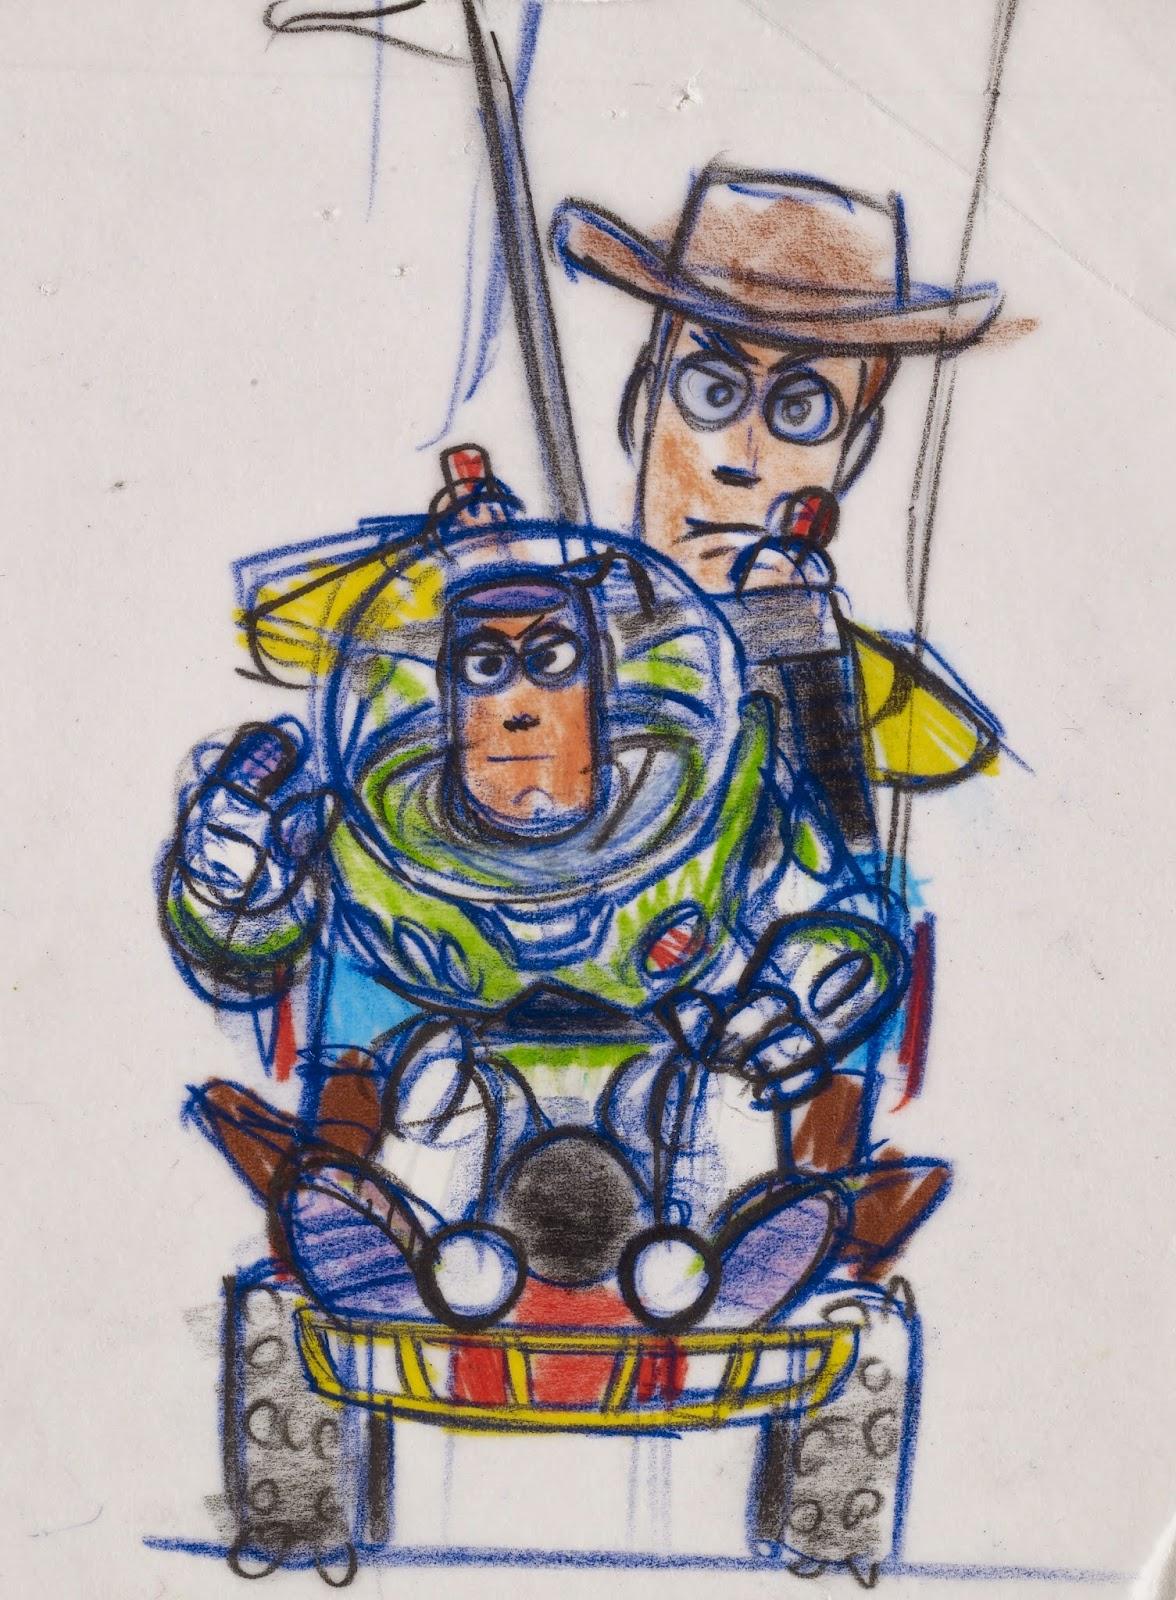 Pixar Exposición by La Merienda a las 5